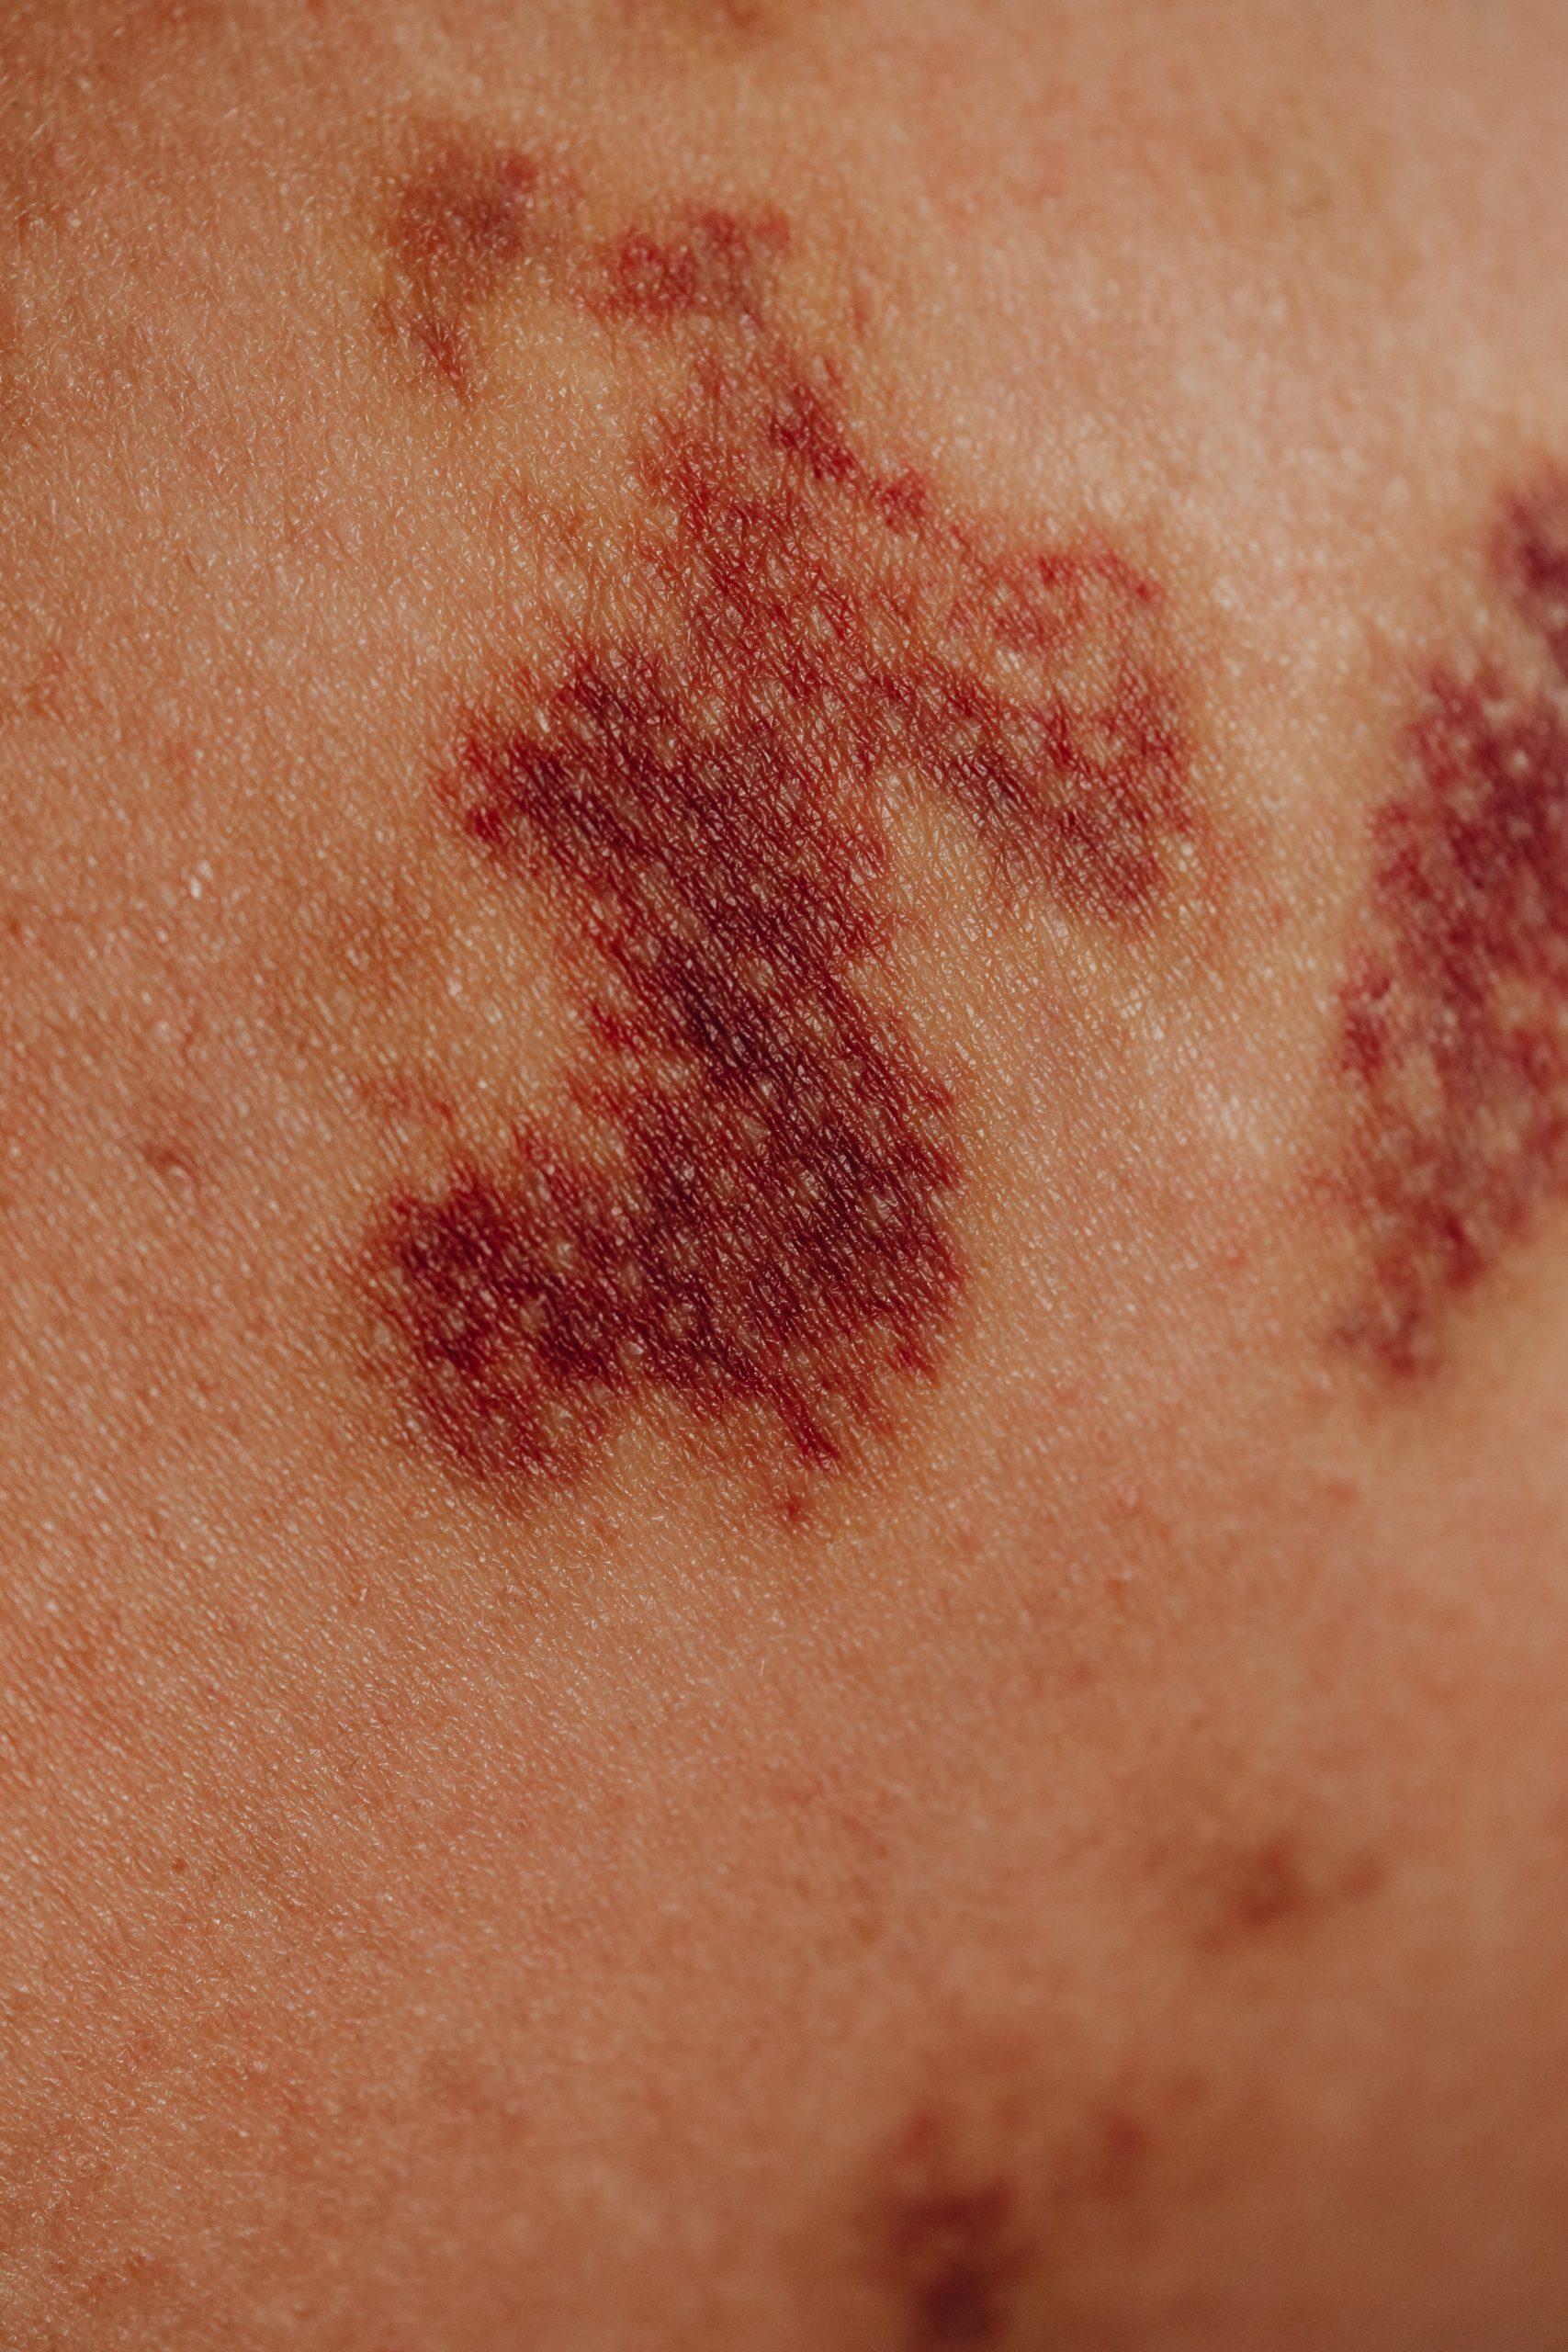 Een wijnvlek, if naevus flammeus, een goedaardige vaatafwijking van de huid